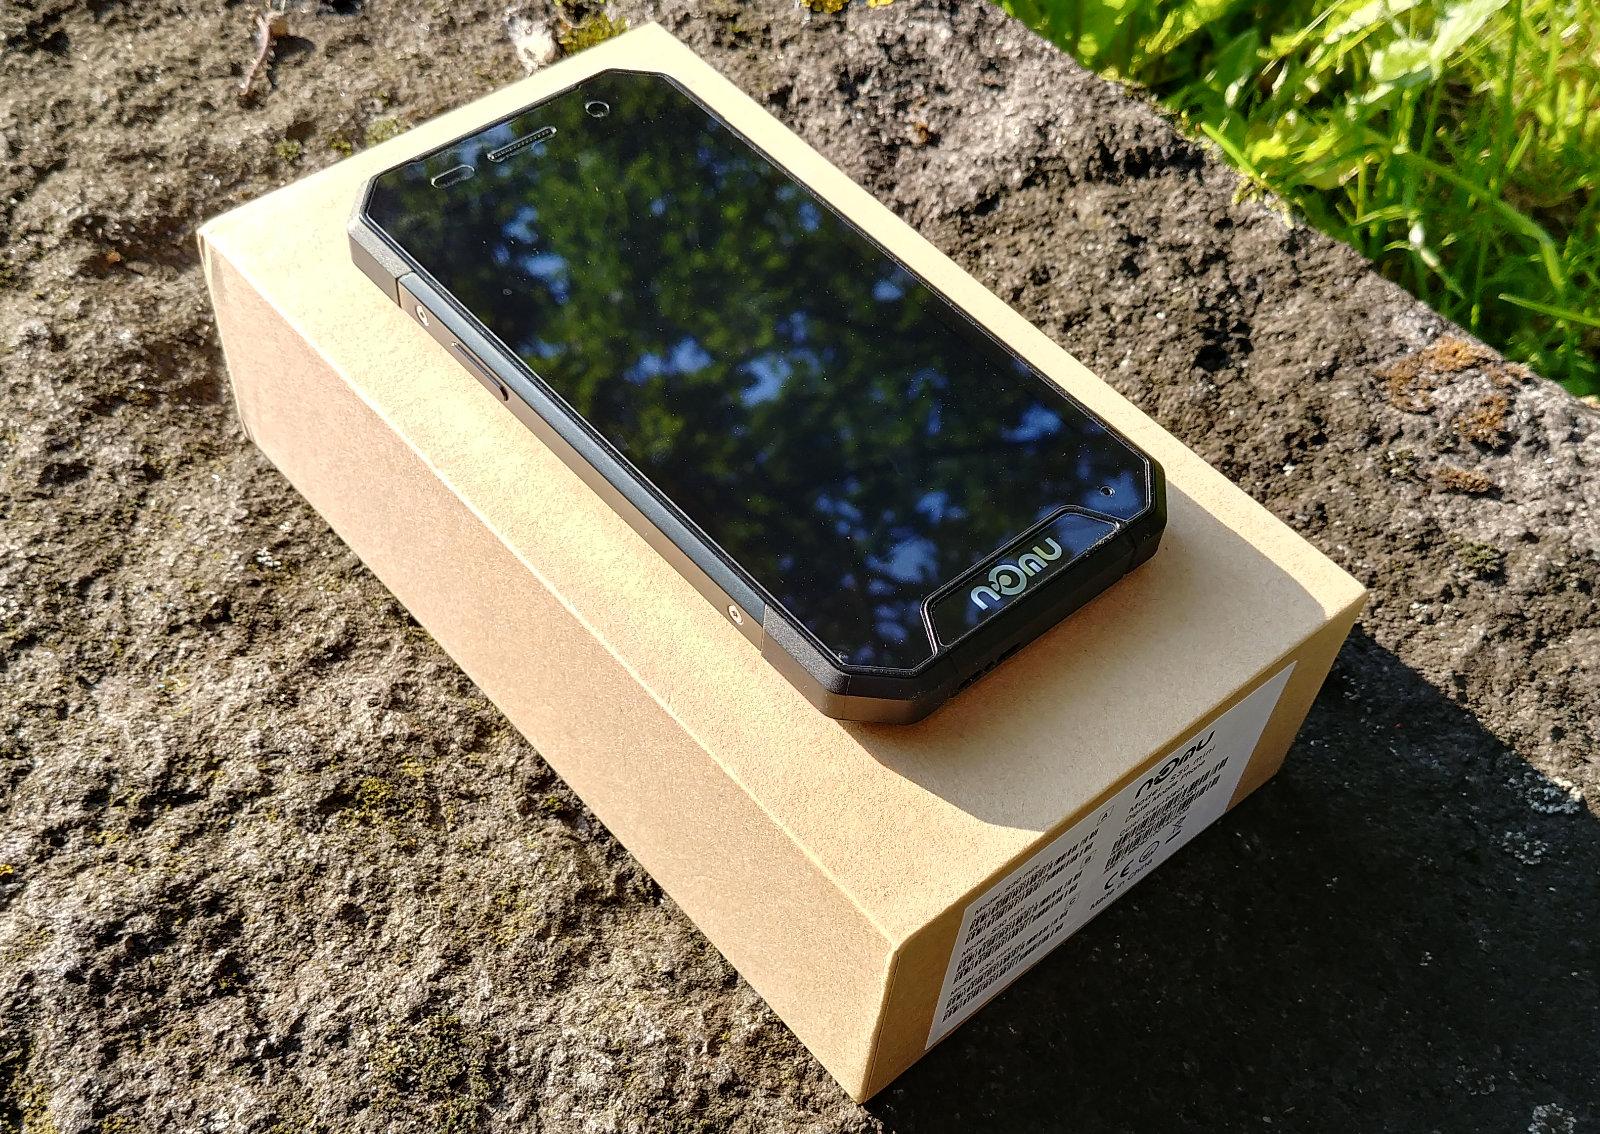 nomu s30 mini im test kompaktes outdoor smartphone hartware. Black Bedroom Furniture Sets. Home Design Ideas